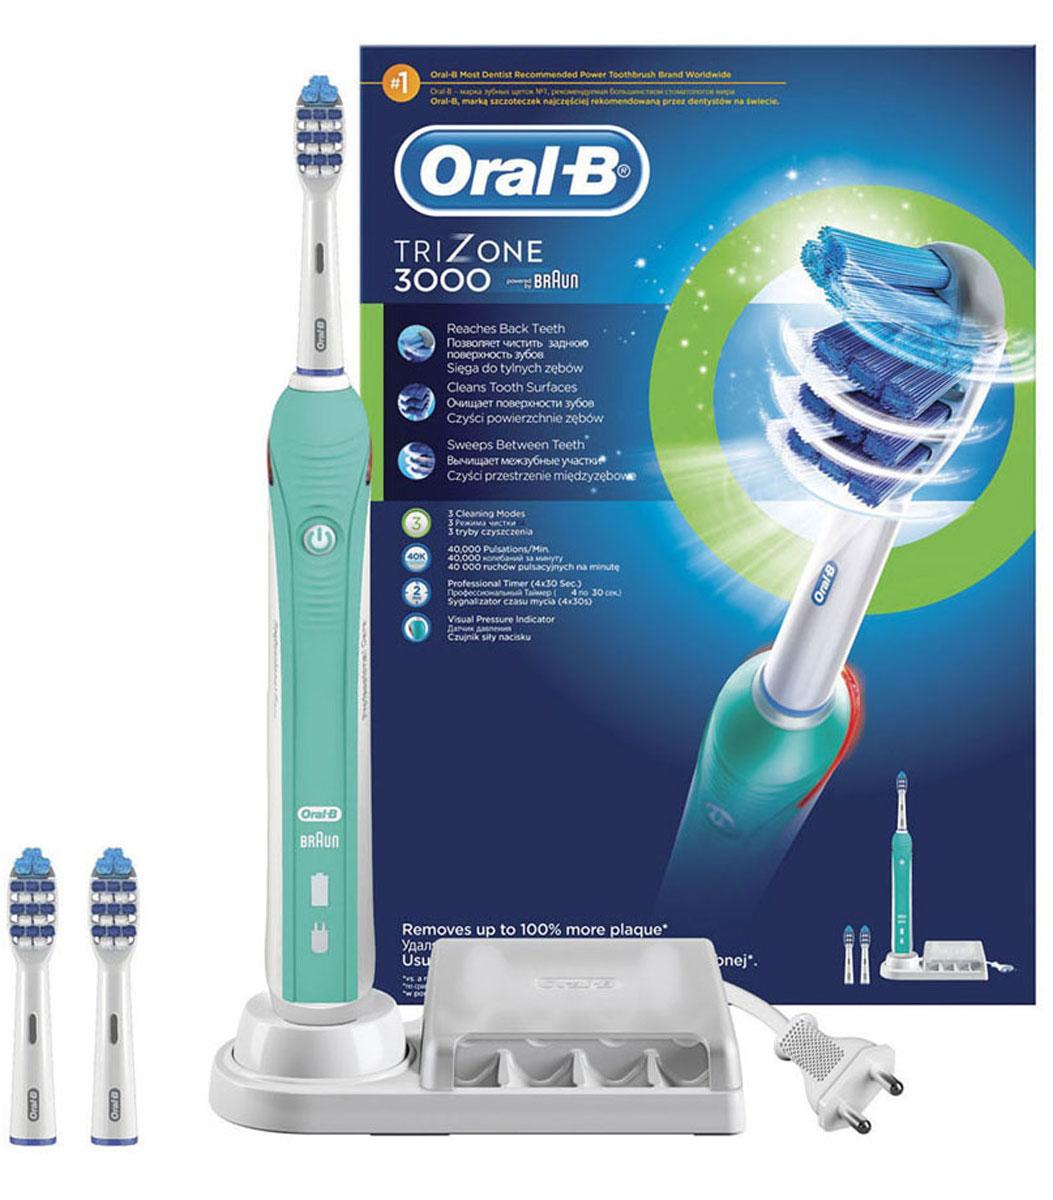 Электрическая зубная щетка Oral-B TriZone 3000CRS-80228236Благодаря специально разработанному дизайну головки зубная щетка TriZone достает до трудноступных мест, очищает поверхность зубов и проникает между зубами. Щетка разработана специально для тех, кто привык к классической технике чистки мануальной щеткой (выметающими движениями). Oral-B Trizone - единственная электрическая зубная щётка с использованием технологии трёхзонной чистки: Выступающие щетинки Power Tip очищают труднодоступные места, стационарная пульсирующая щетина качественно очищает поверхность зубов, а удлиненная вращающаяся пульсирующая щетина проникает в межзубное пространство. Головка щётки на 20% меньше по размеру, но покрывает площадь на 43% больше, чем головка мануальной щётки. Комплектация: аккумуляторная электрическая зубная щетка (1 шт.), сменная насадка Trizone (3 шт.), зарядное устройство (1 шт.) Три режима чистки: «Ежедневная чистка», «Для чувствительных зубов» и «Отбеливание». - Голубые щетинки Indicator...